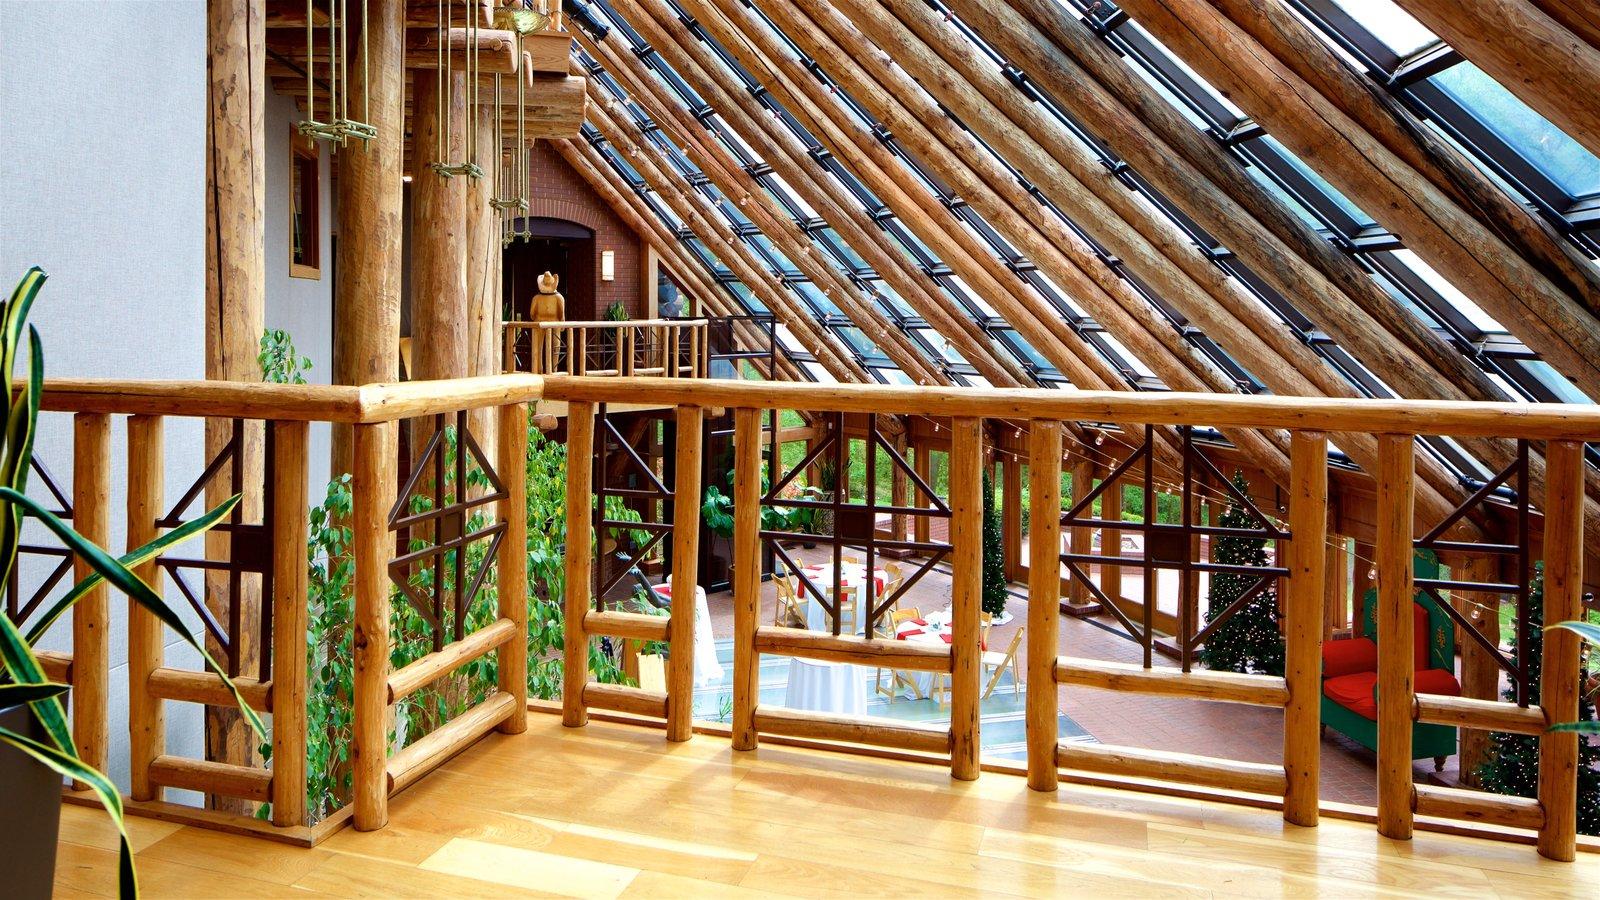 Mansión Fontanel que incluye vistas interiores y arquitectura moderna